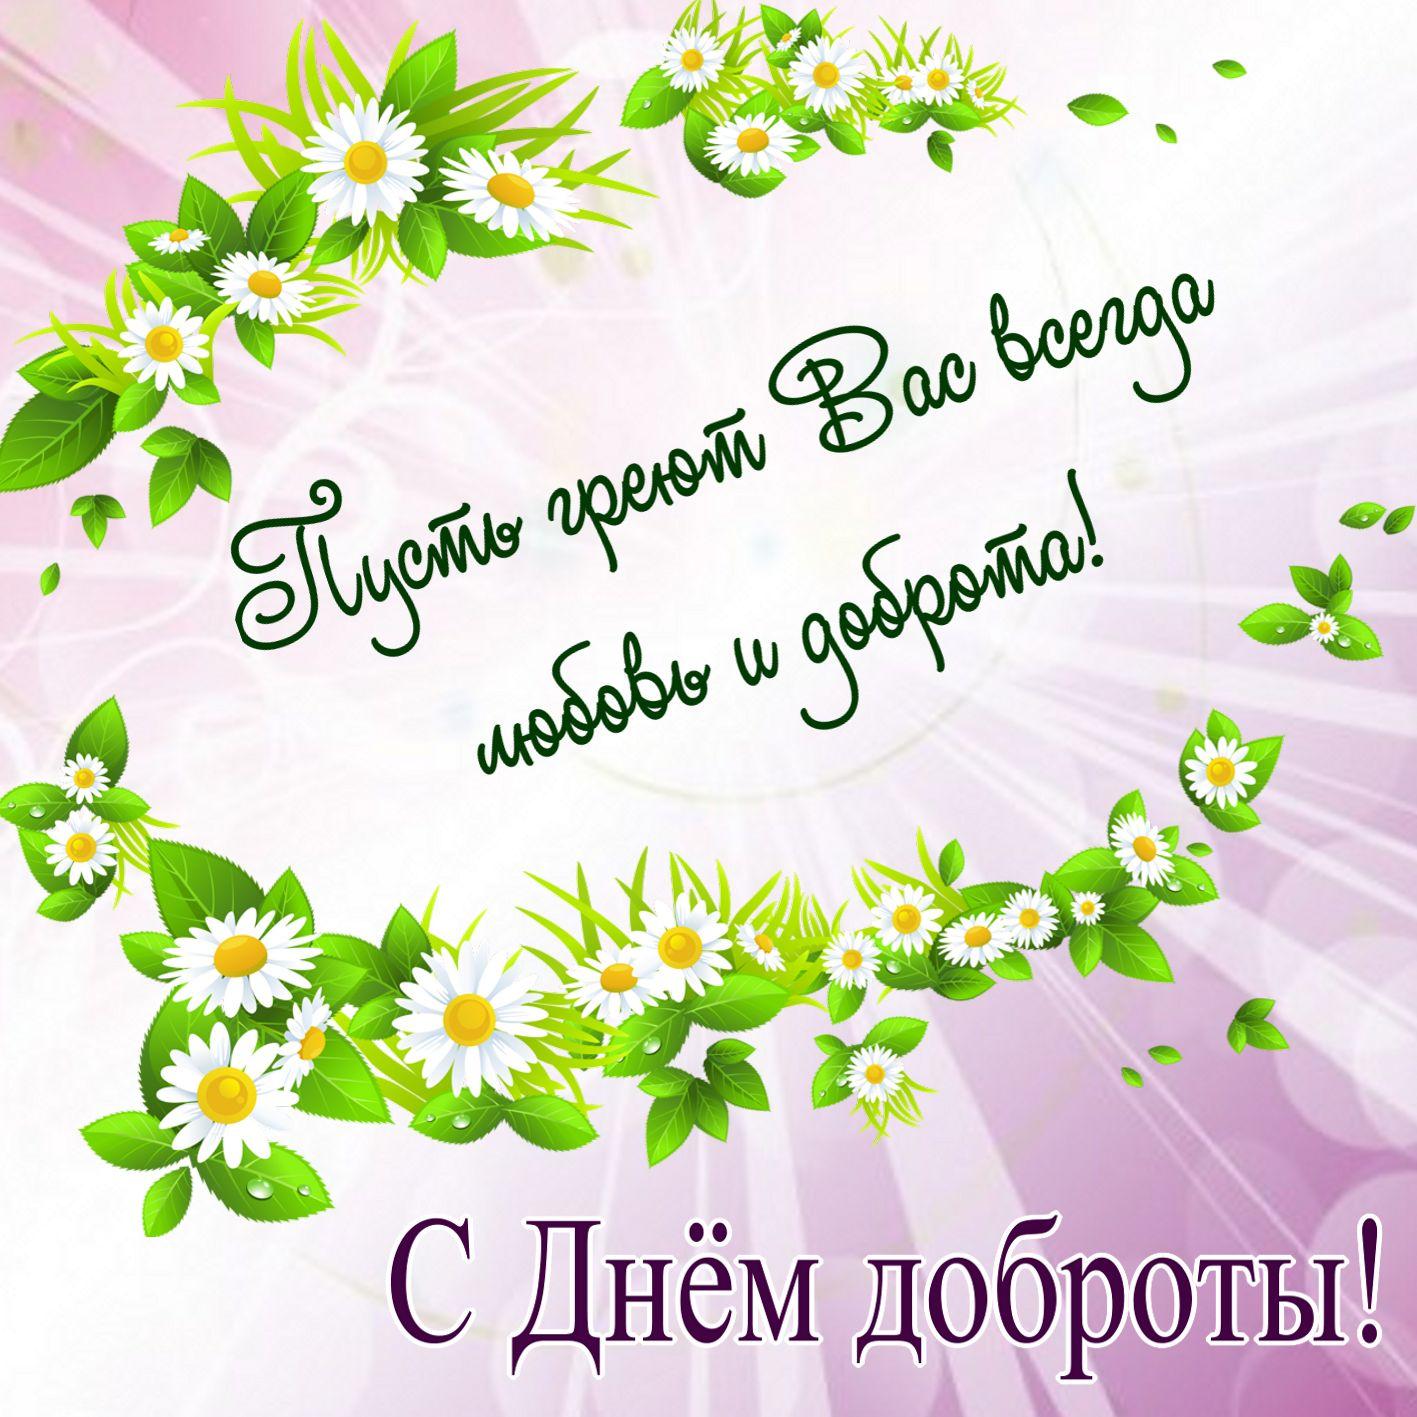 Международный день доброты ,открытка с праздником день доброты ,цветы. Картинка , открытка с праздником всемирный день доброты , добра , открытки с днём доброты с цветами красивыми, яркая  открытка день  доброты скачать бесплатно .